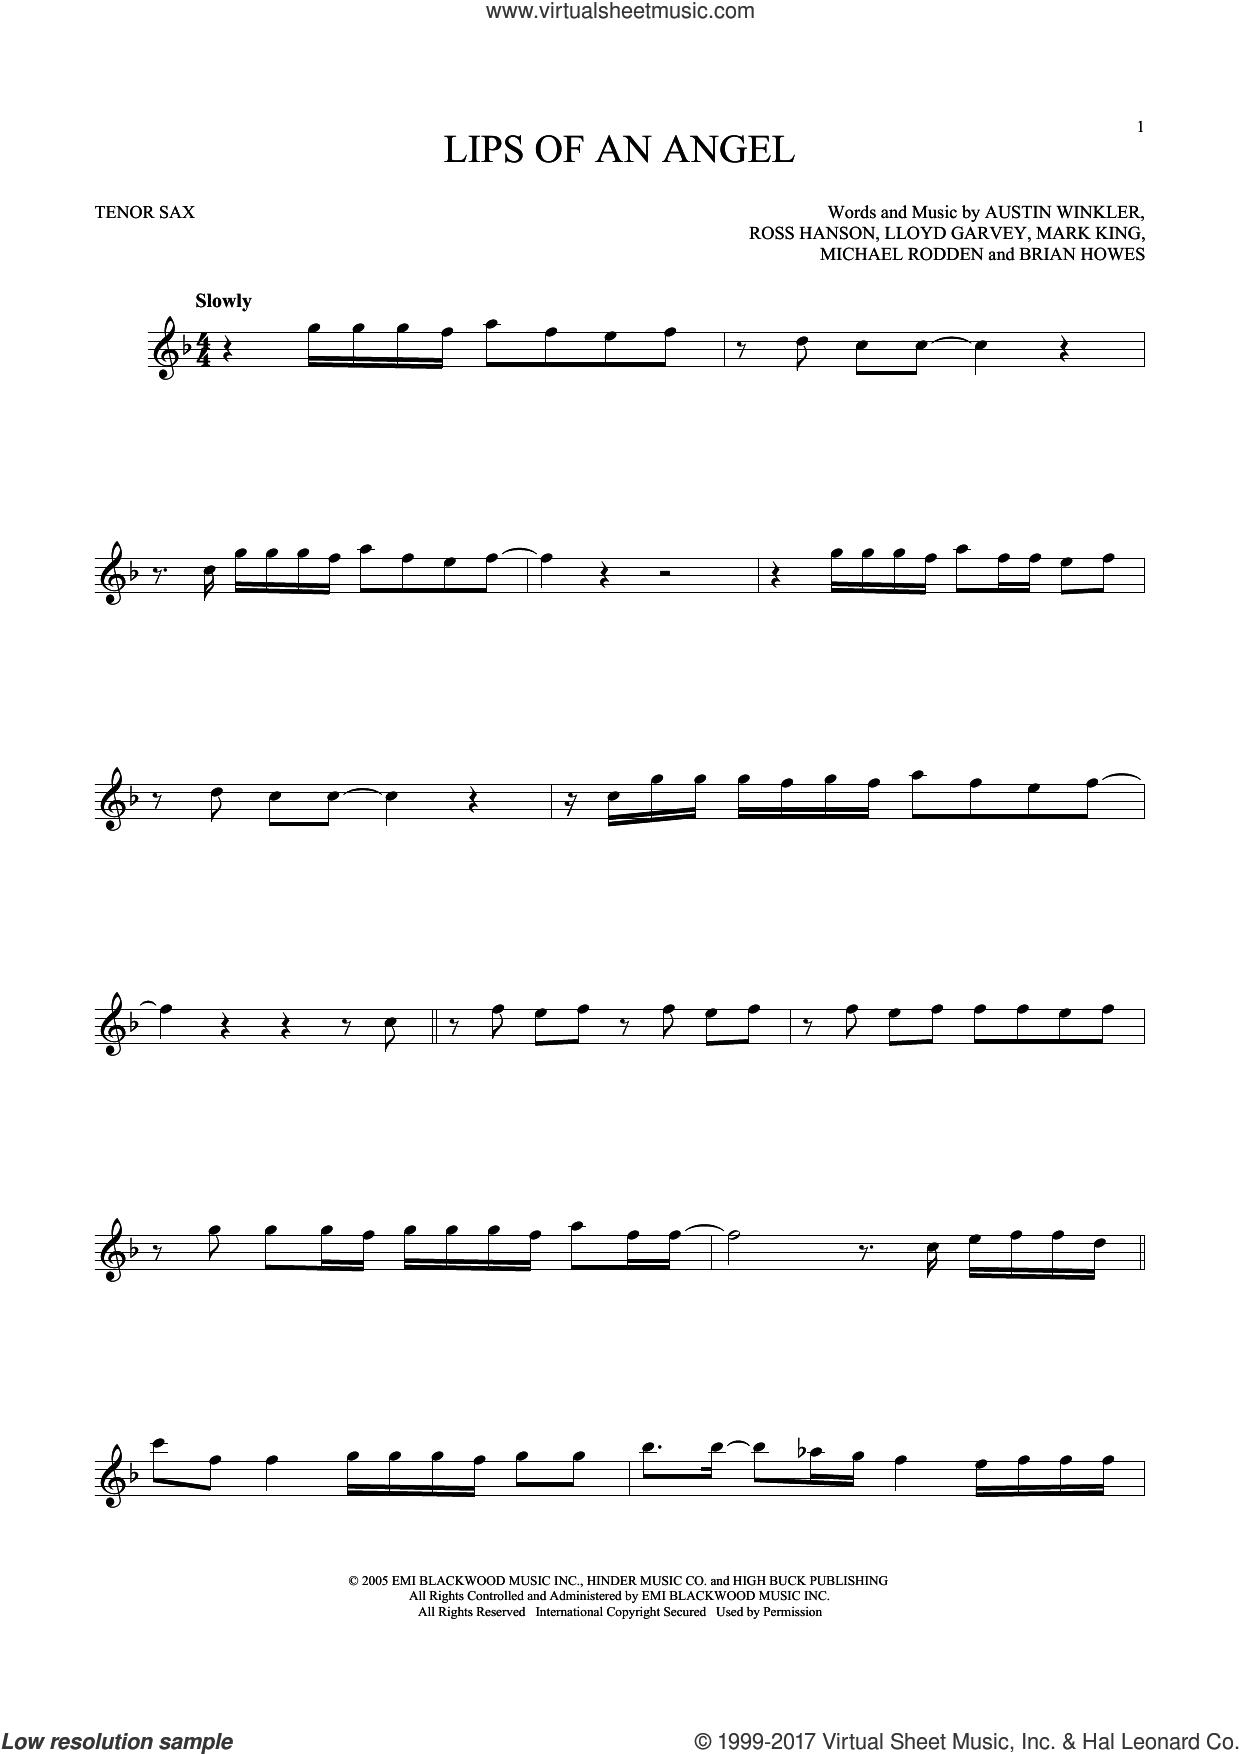 Lips Of An Angel sheet music for tenor saxophone solo by Hinder, Jack Ingram, Austin Winkler, Brian Howes, Lloyd Garvey, Mark King, Michael Rodden and Ross Hanson, intermediate skill level